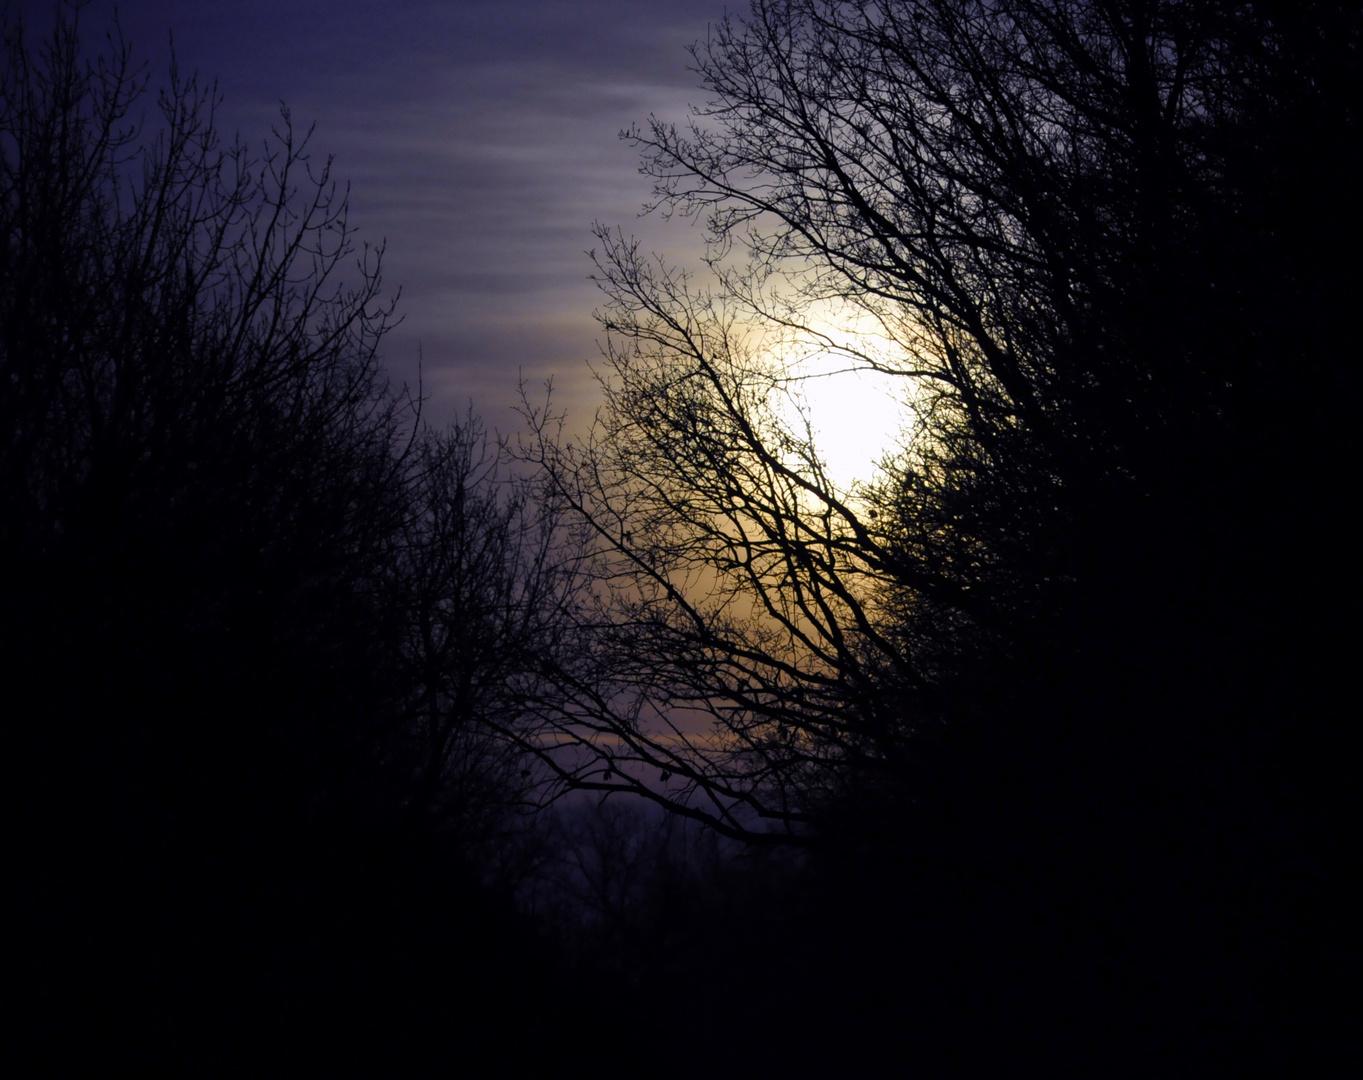 .Darkmoon.